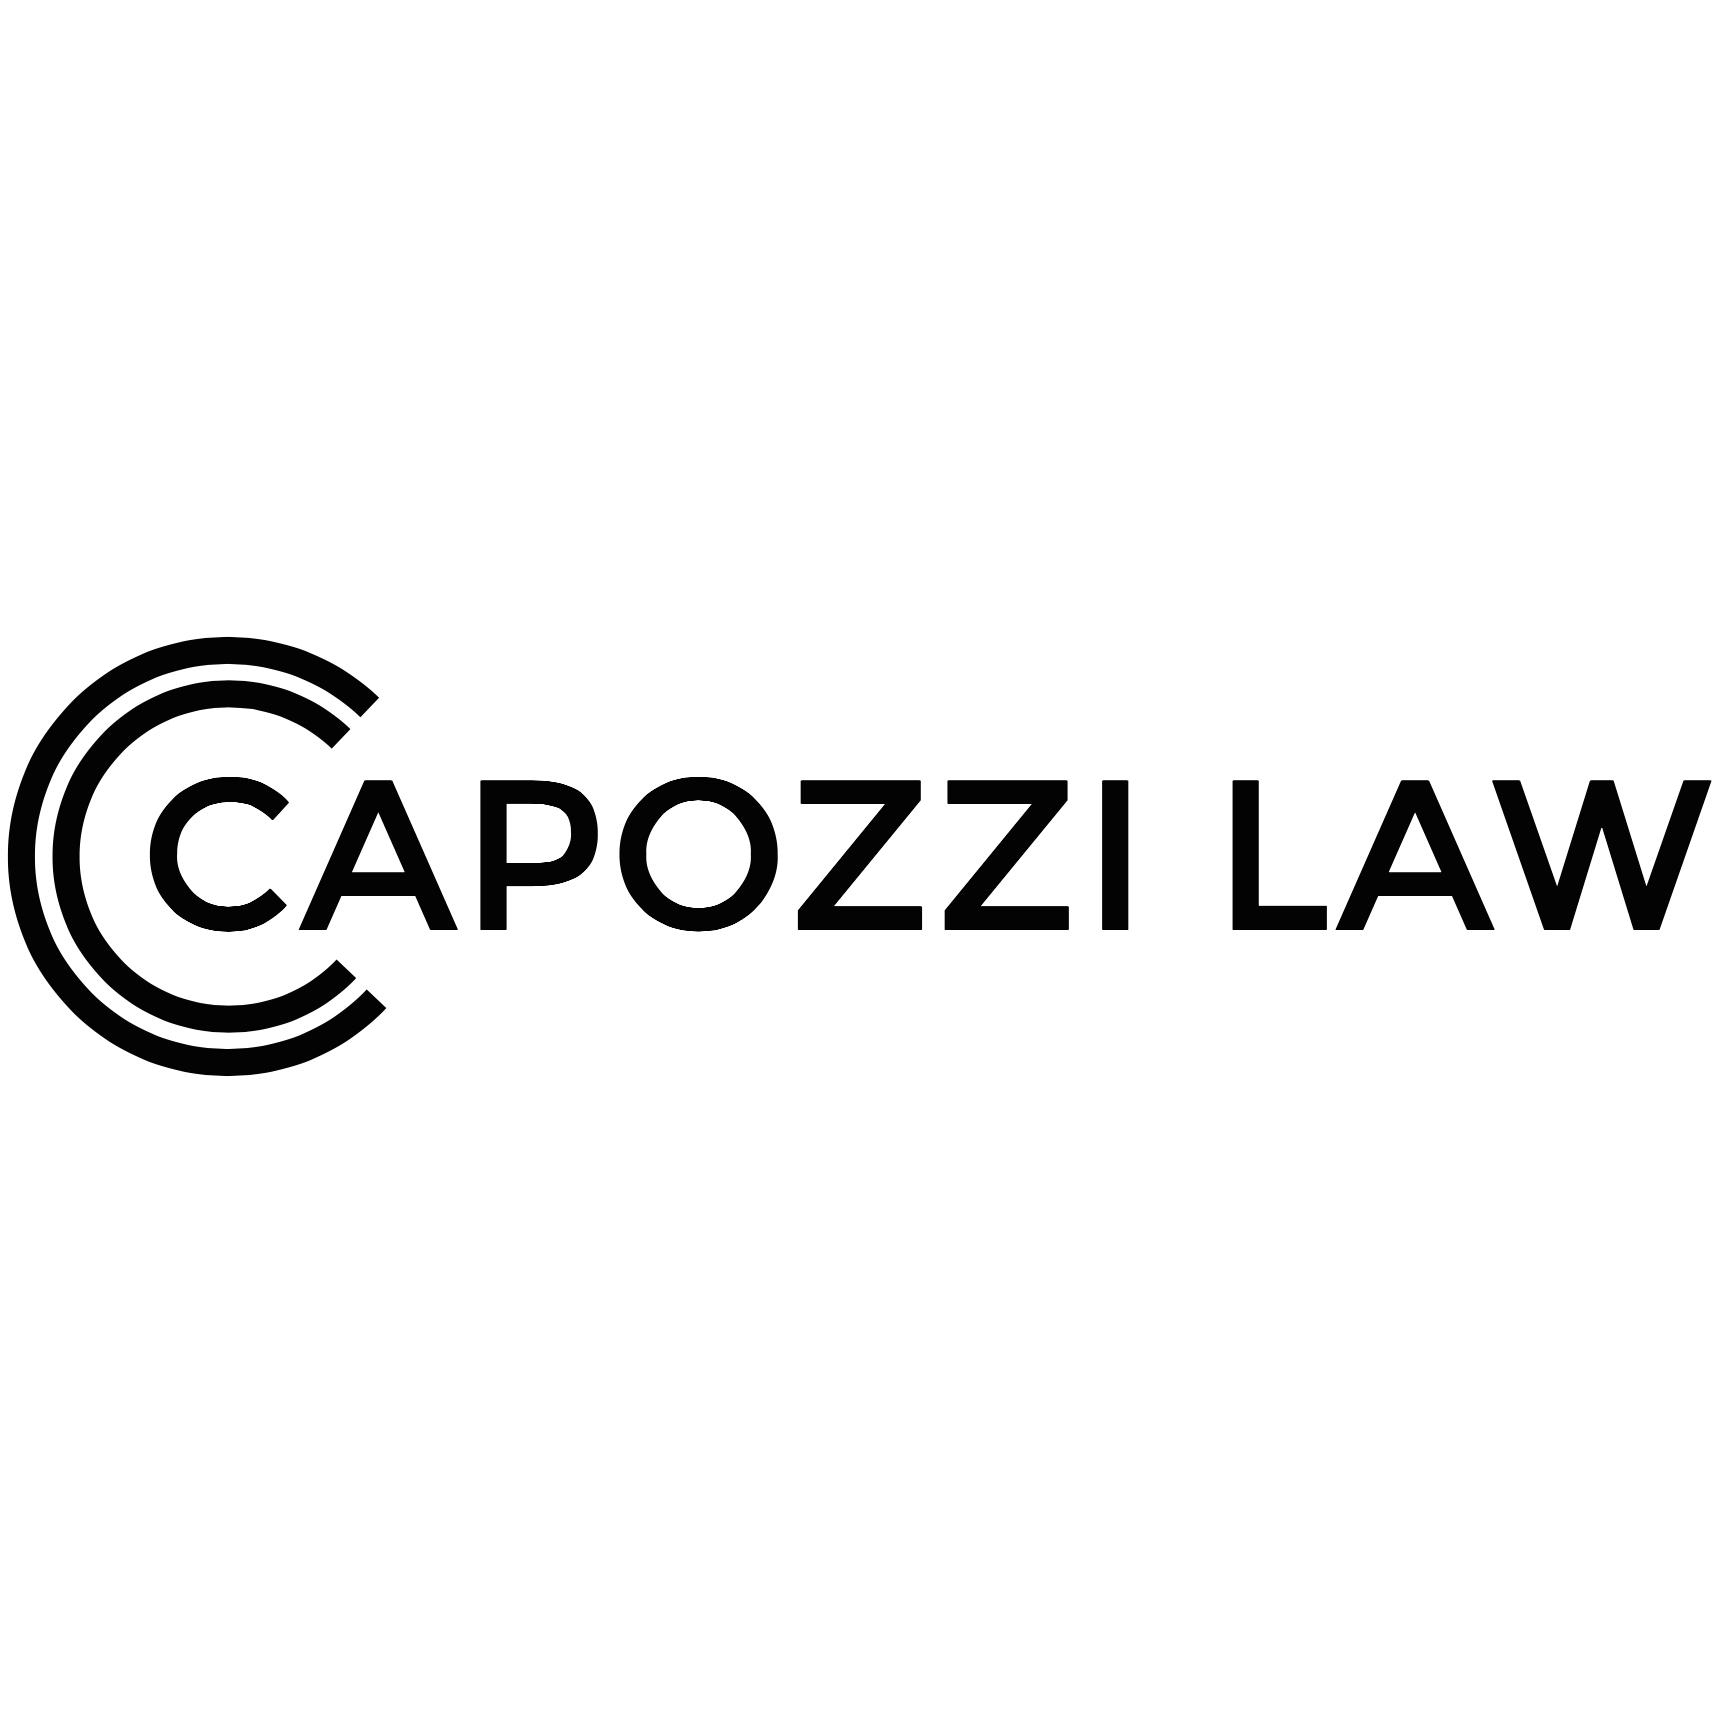 Law Office of Nicco Capozzi - ad image